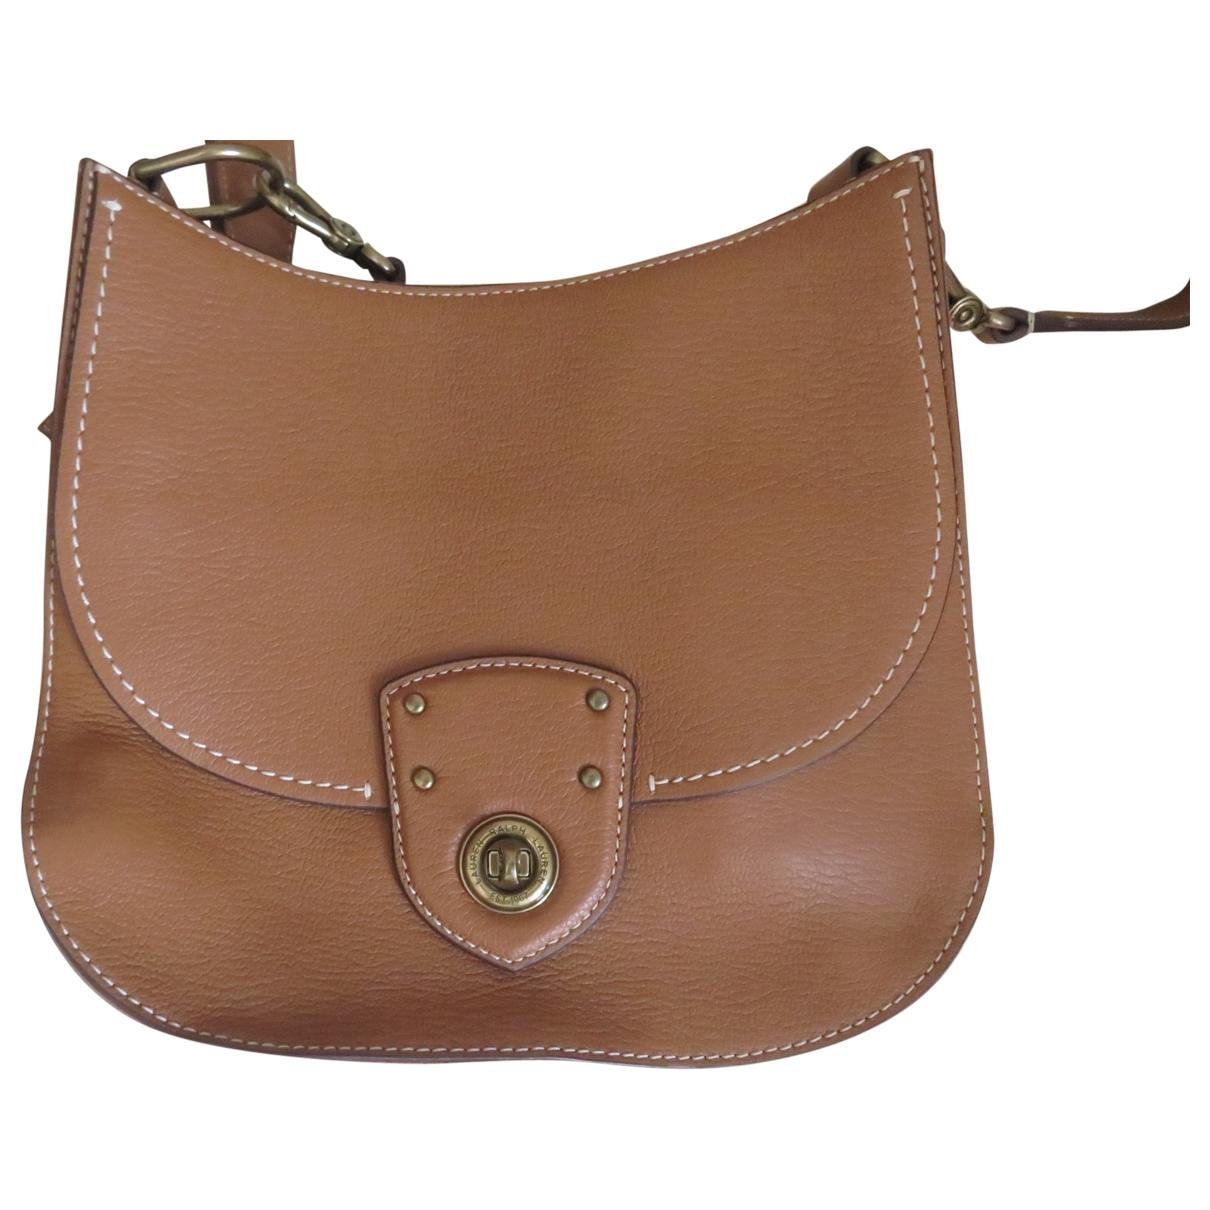 Lauren Ralph Lauren \N Camel Leather handbag for Women \N